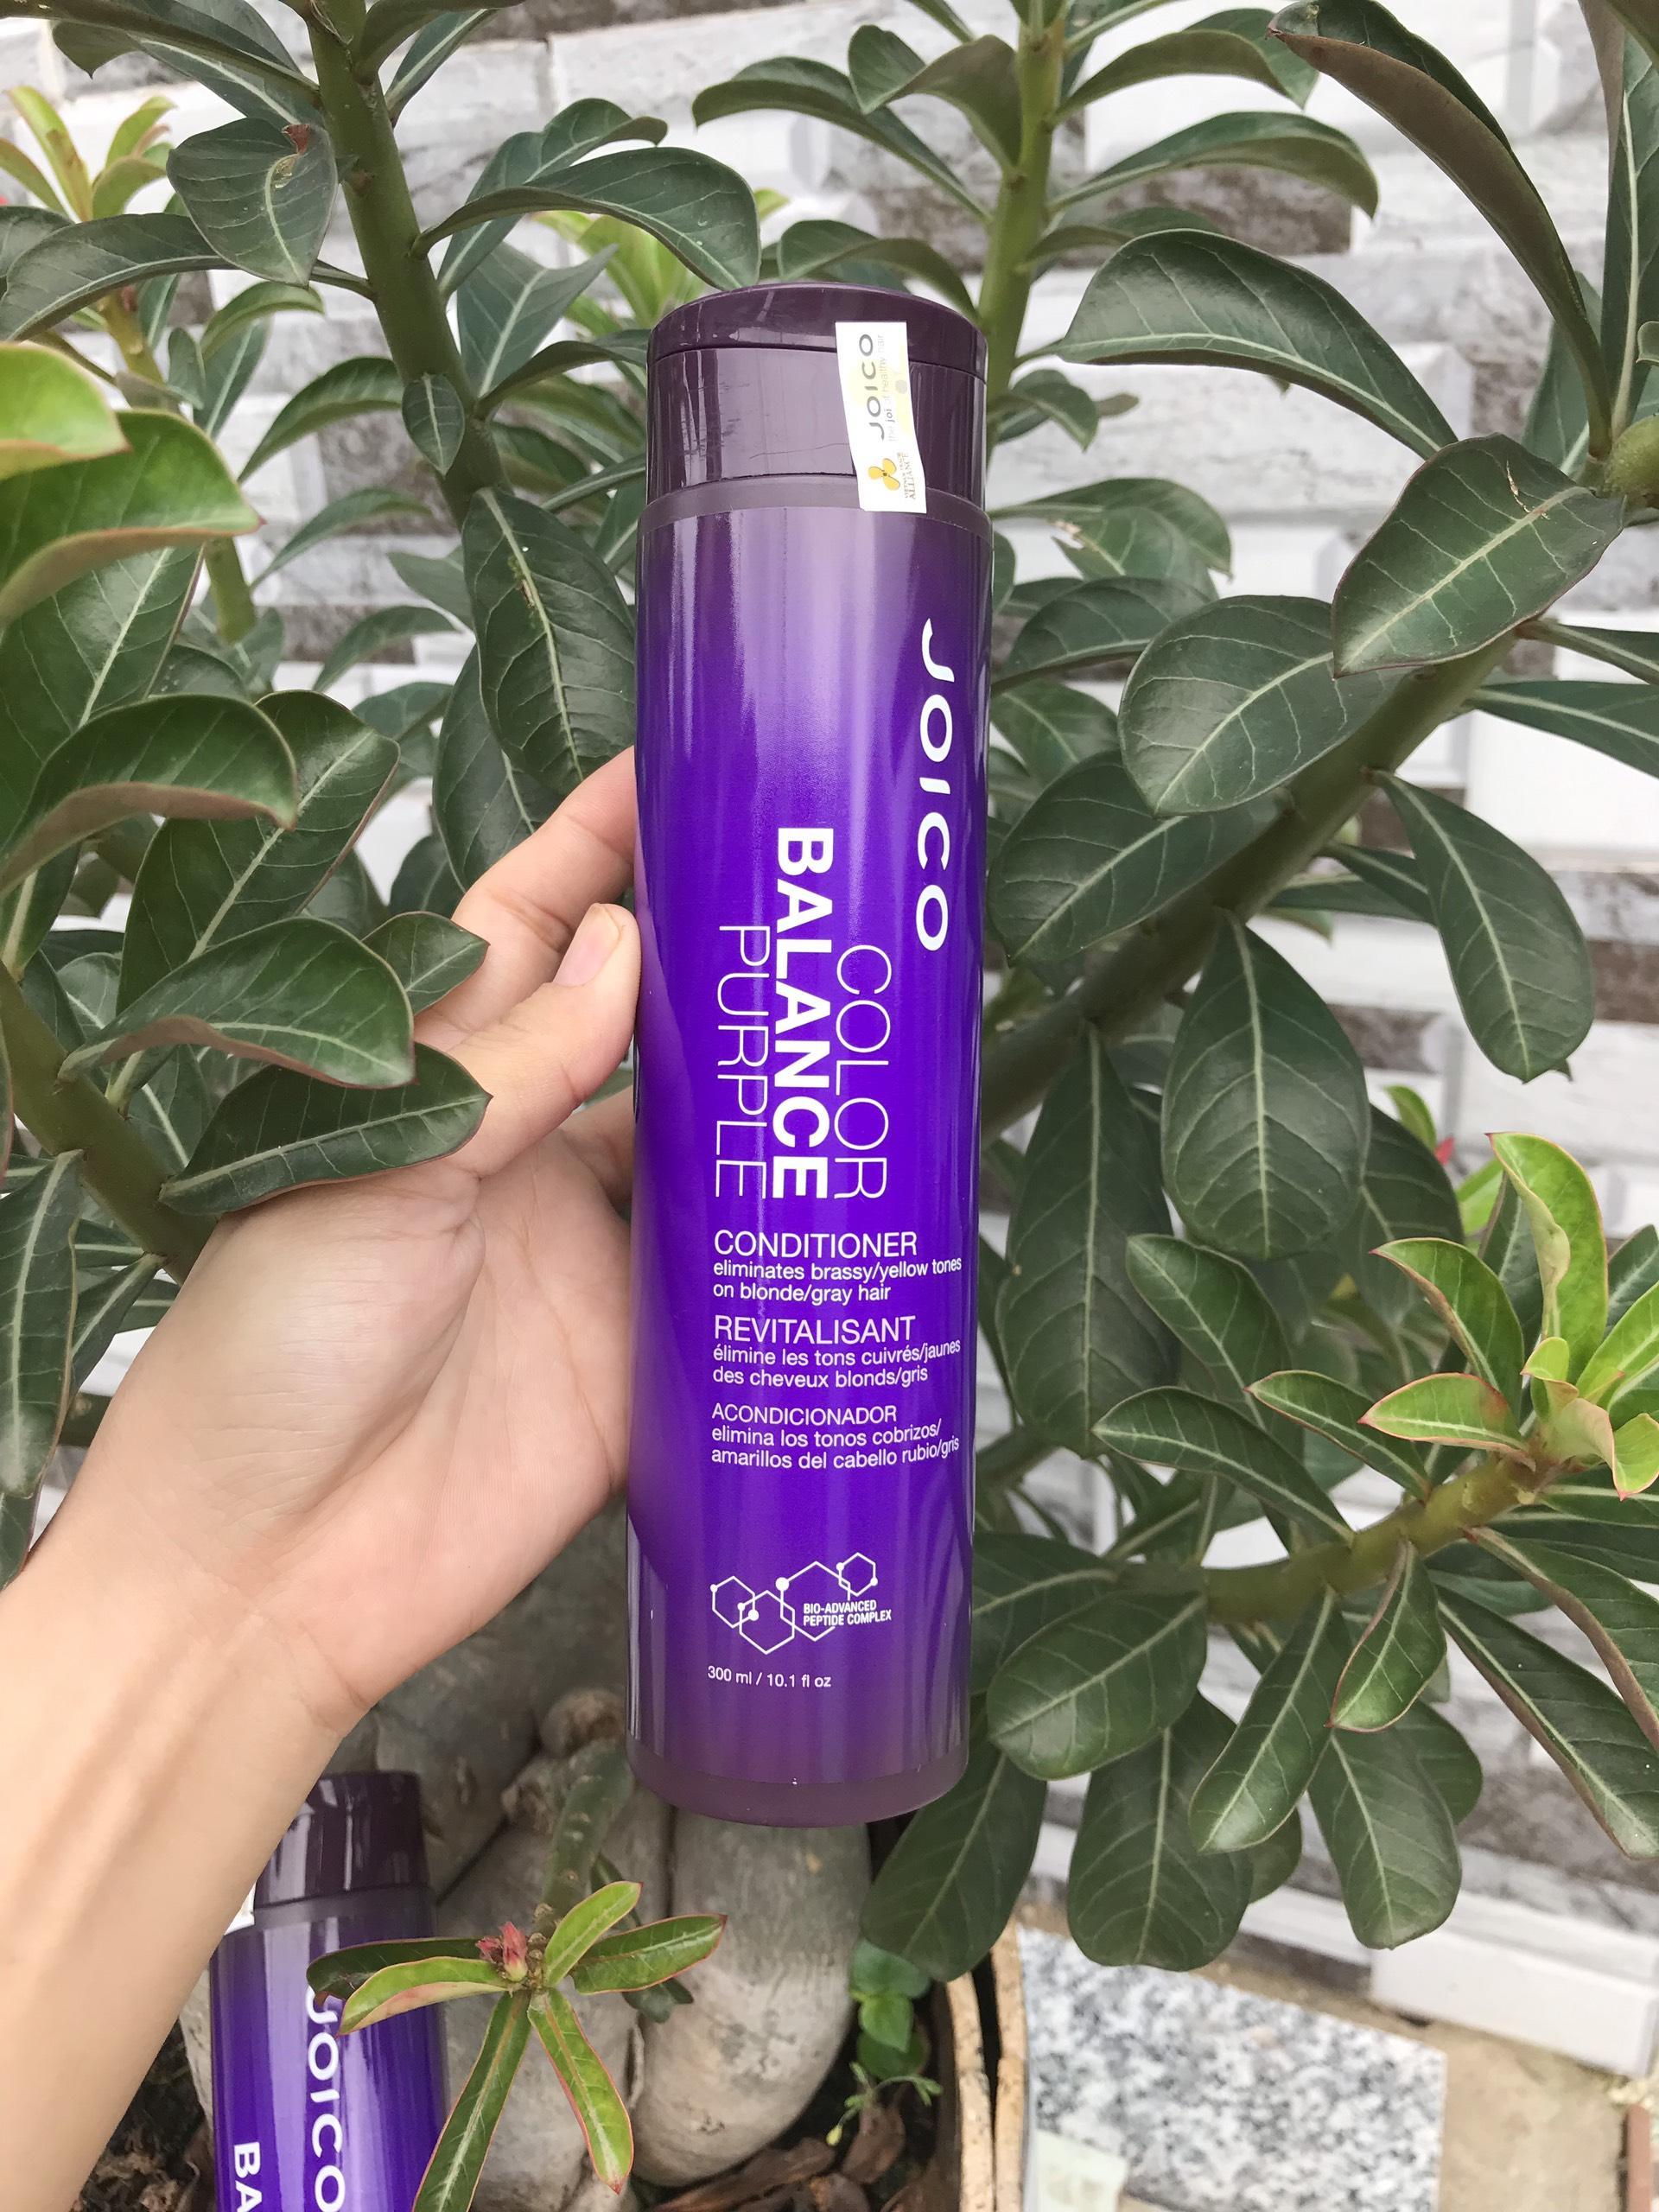 Dầu xả Joico cân bổ sung sắc tố tím và khử ánh vàng cho tóc nhuộm Tone lạnh Balance Purple Conditioner 300ml